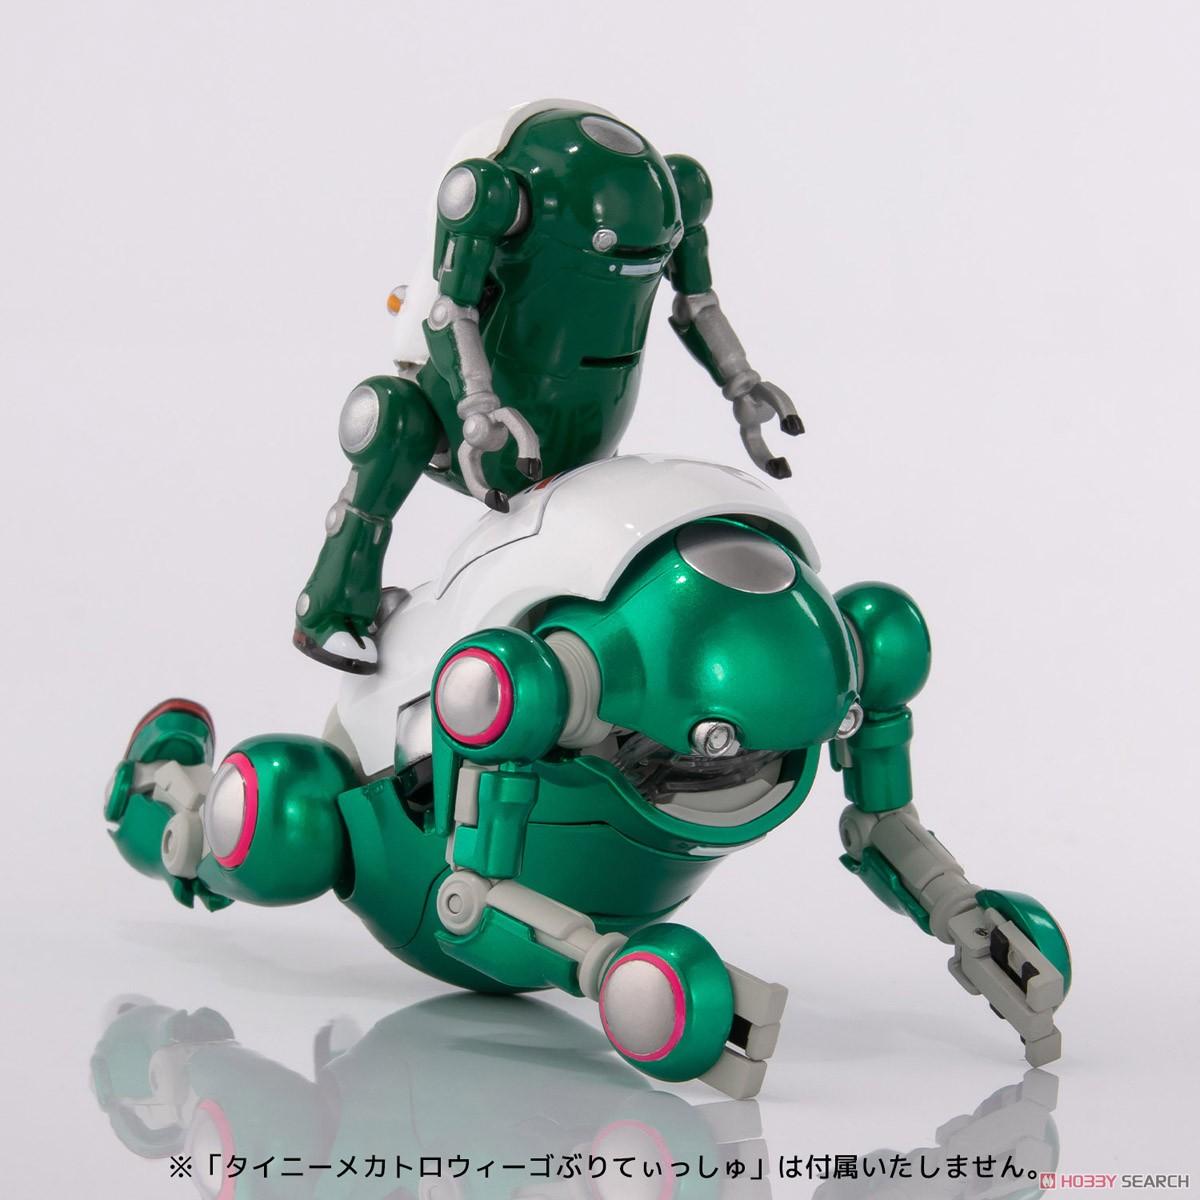 メカトロウィーゴ『35メカトロウィーゴ ねお・ぶりてぃっしゅ』可動フィギュア-010